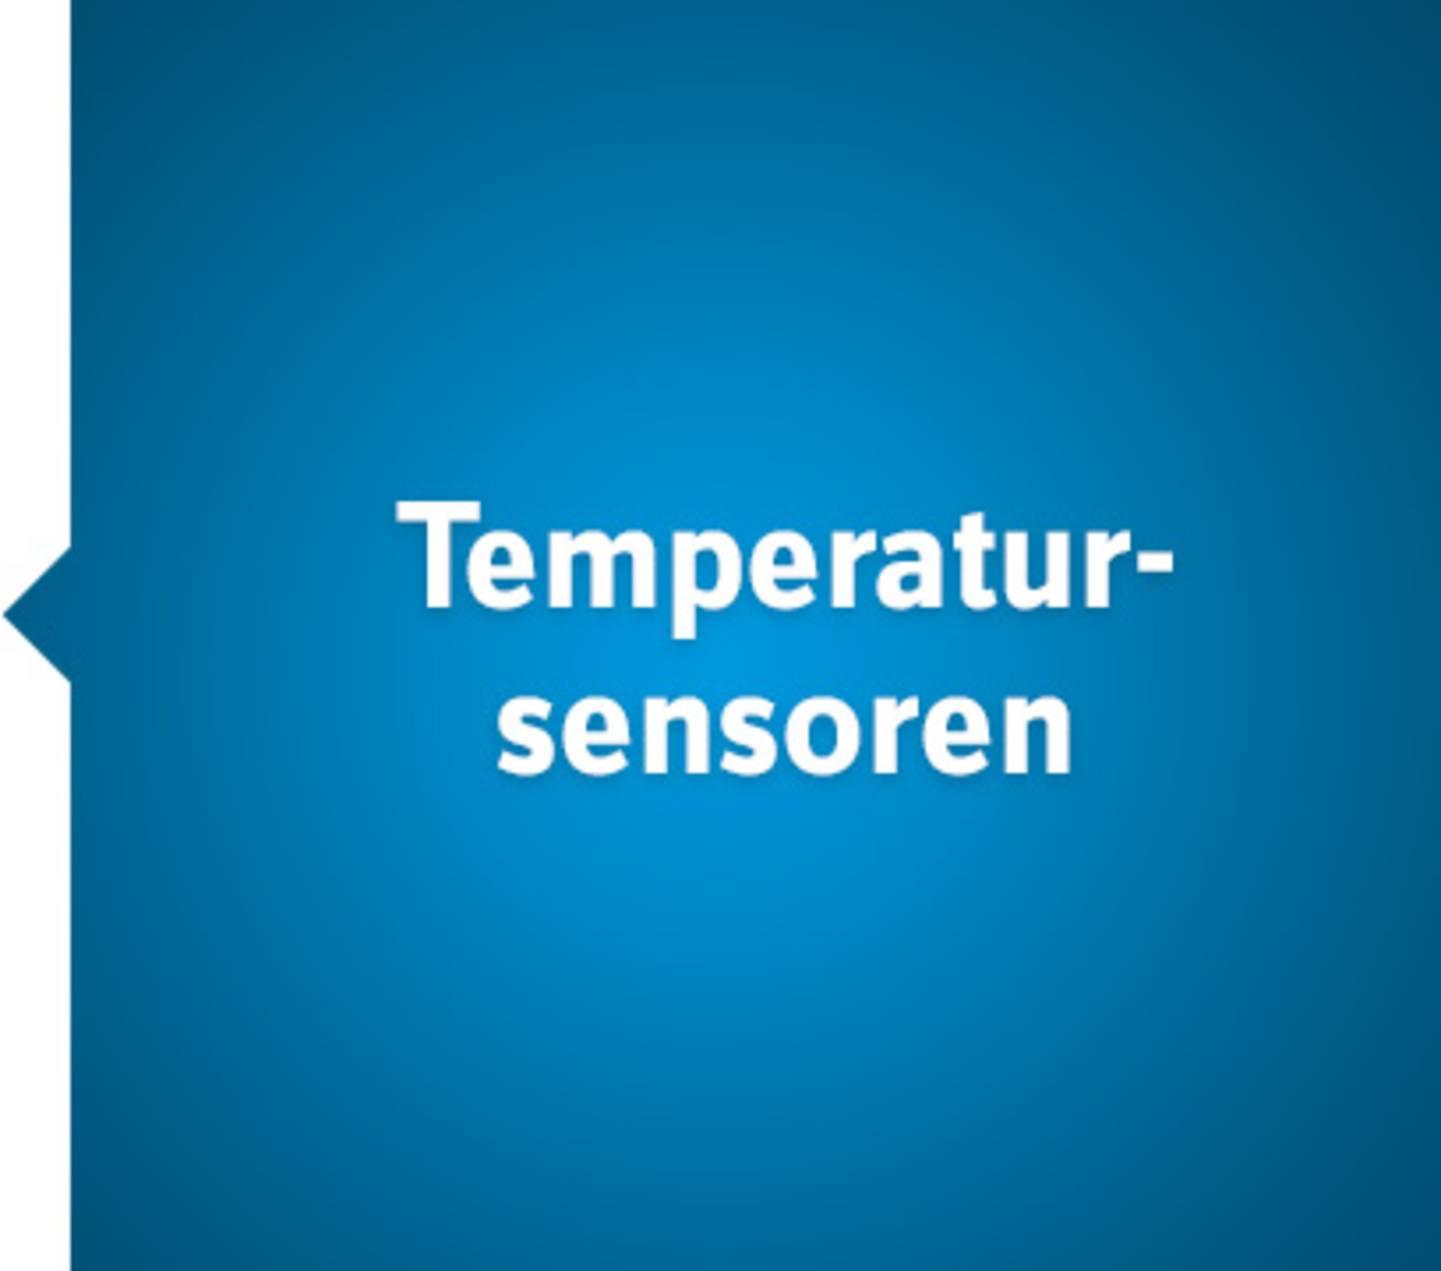 Temperatursensoren